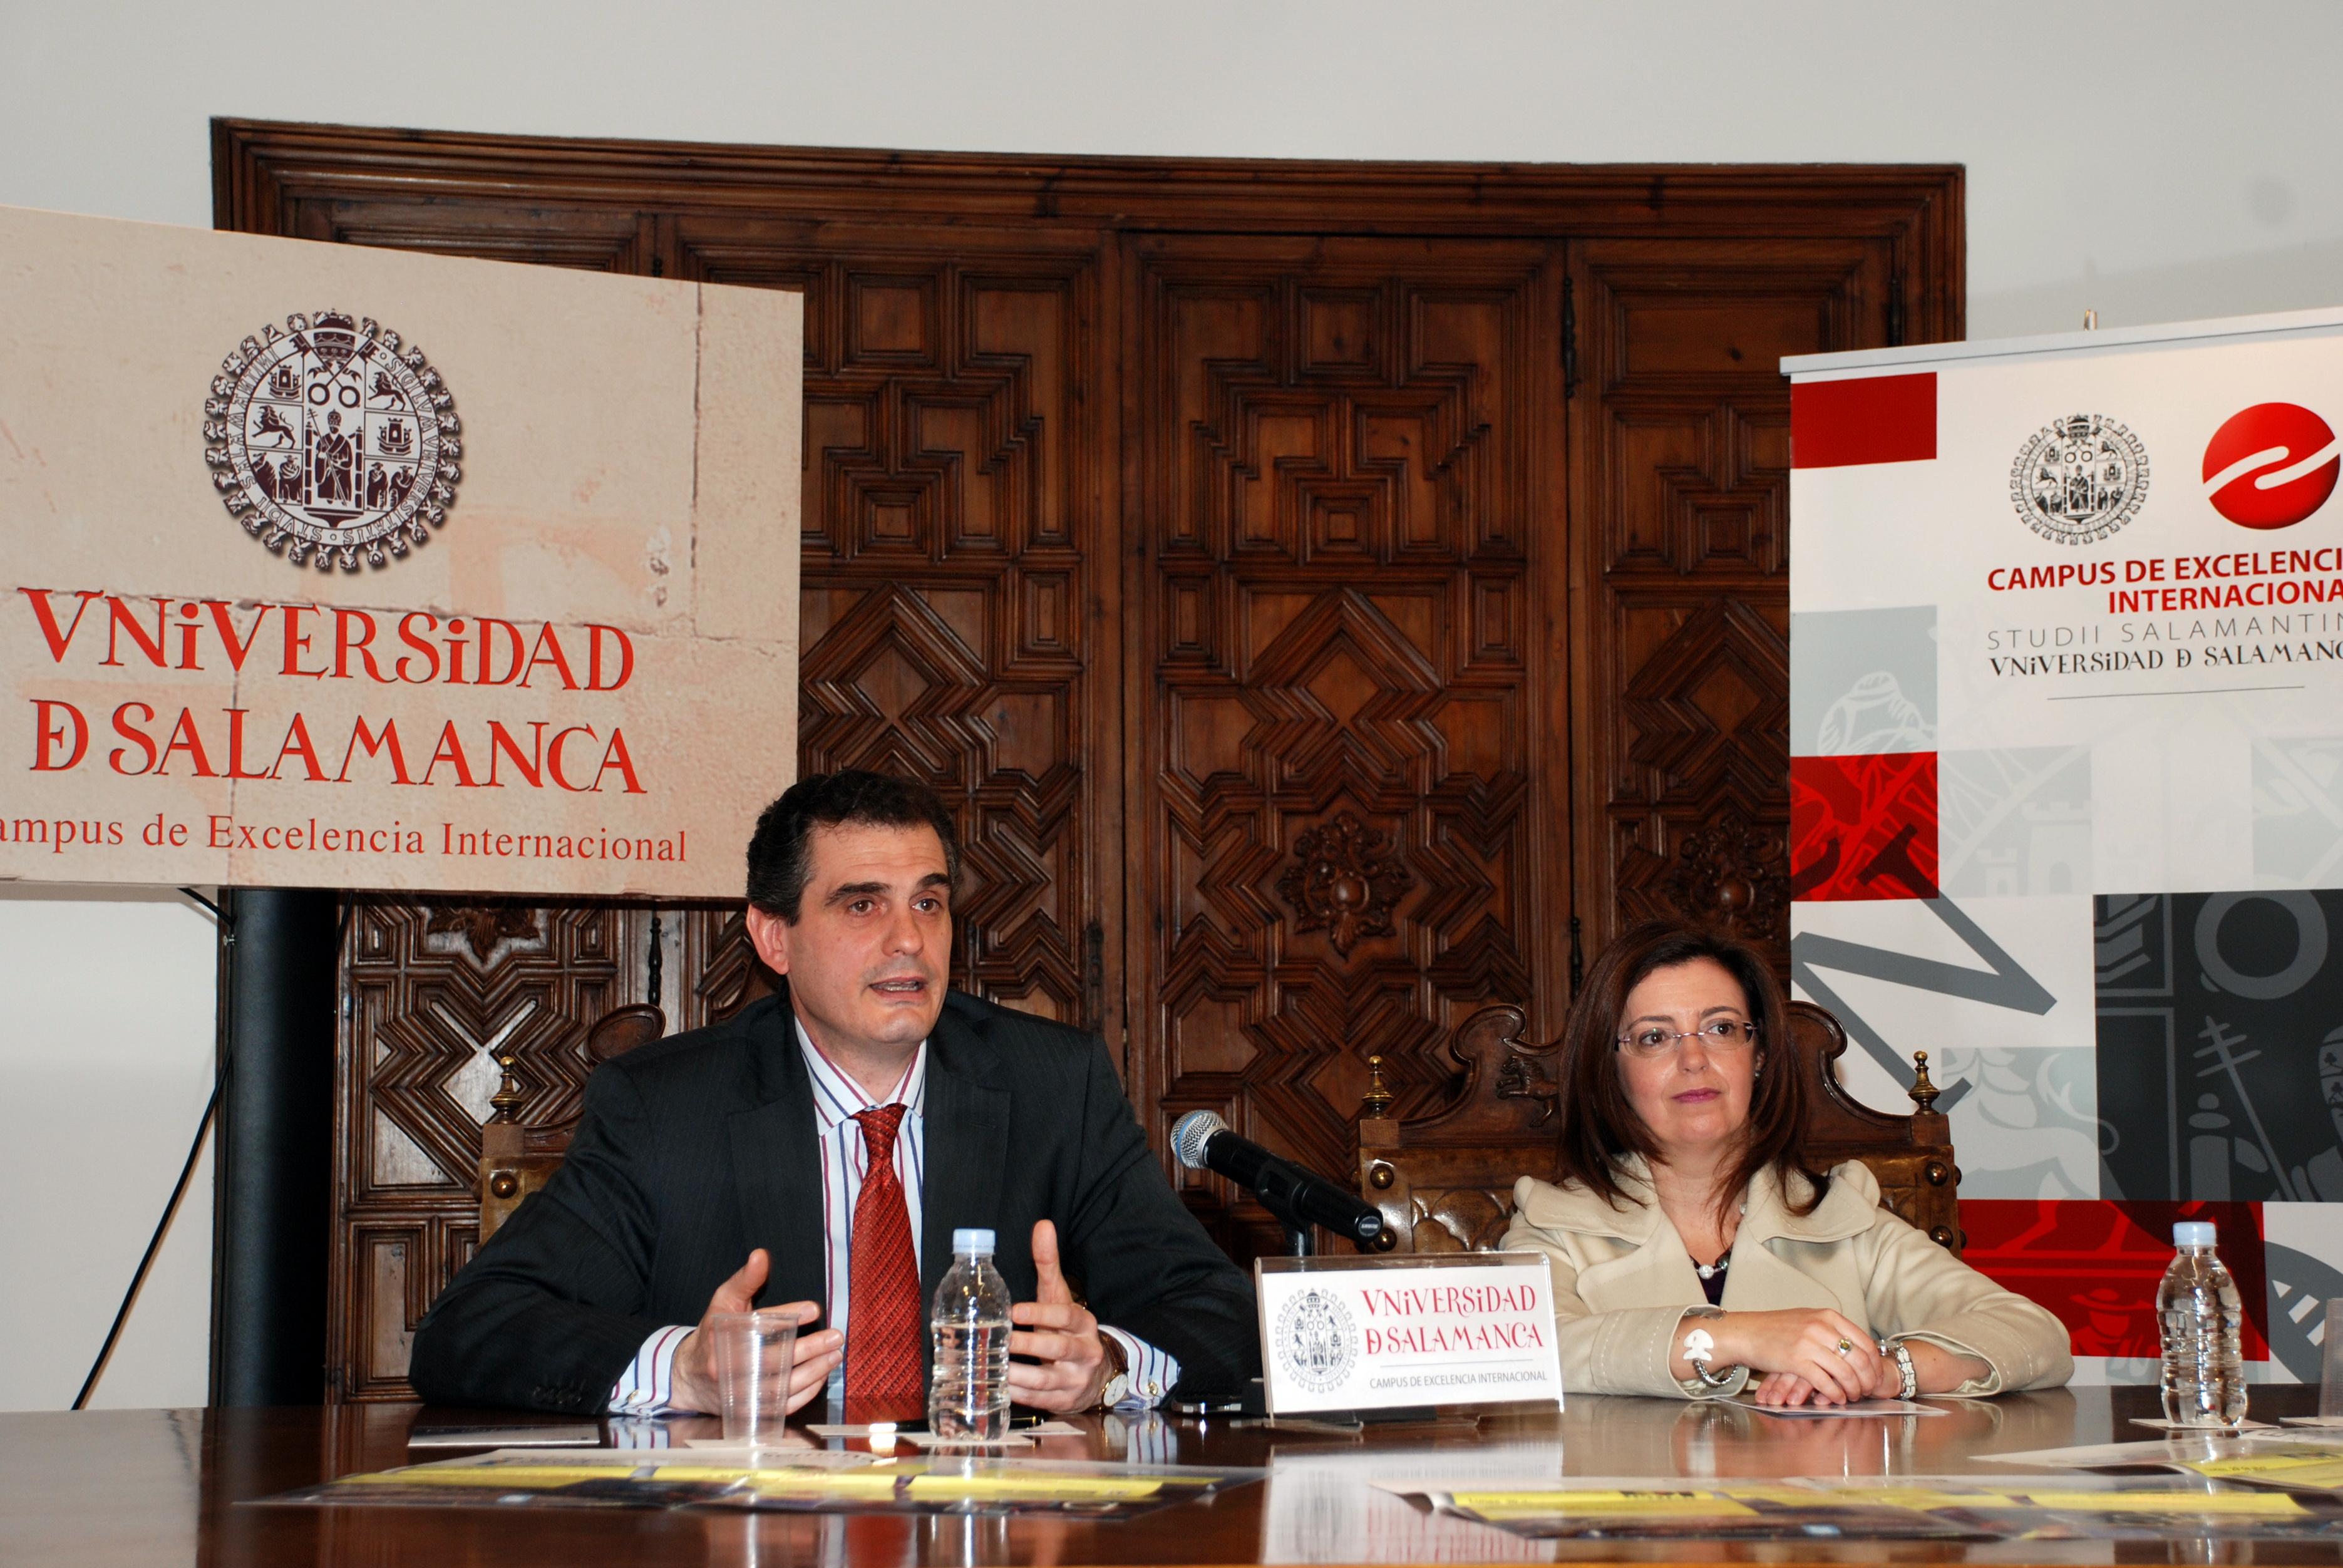 La Universidad de Salamanca presenta el programa de la 'Semana Europea', organizado con motivo del día de Europa